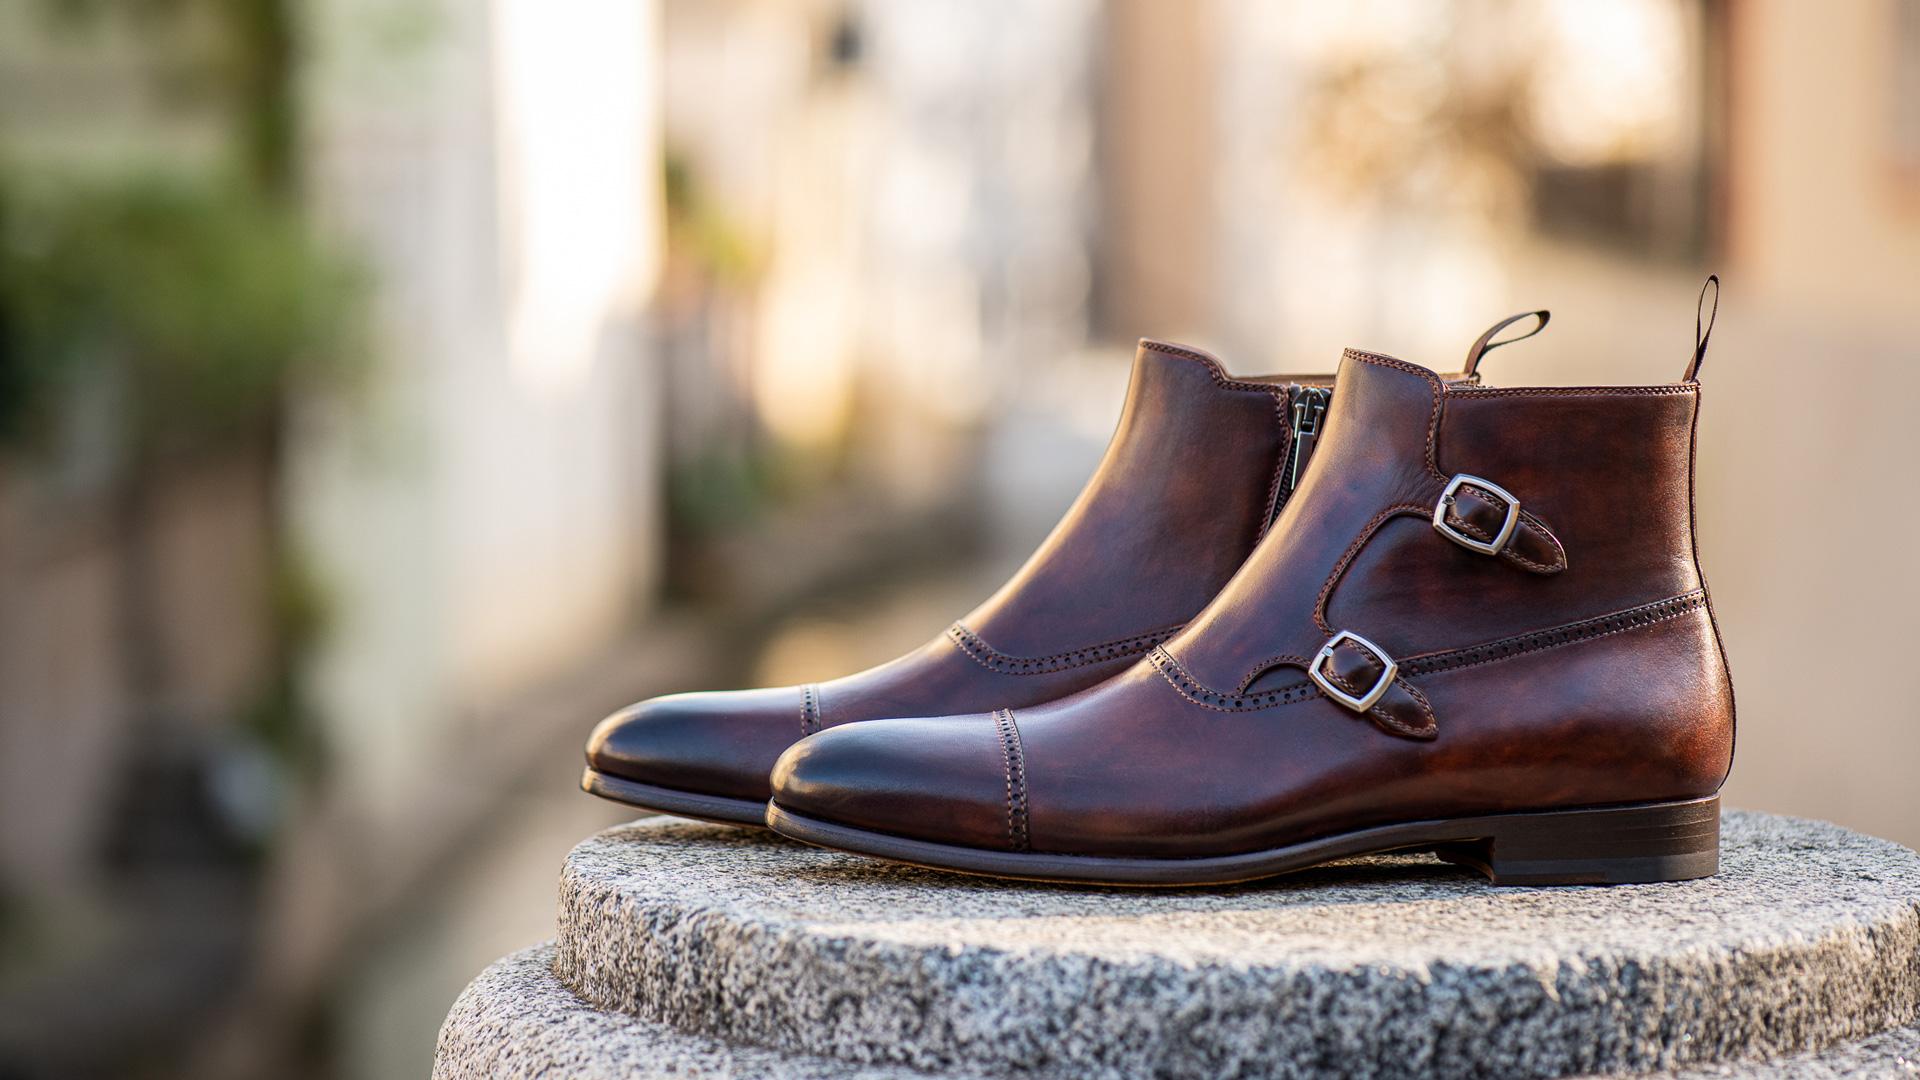 Elegantná zimná obuv - Novinky kolekce podzim / zima